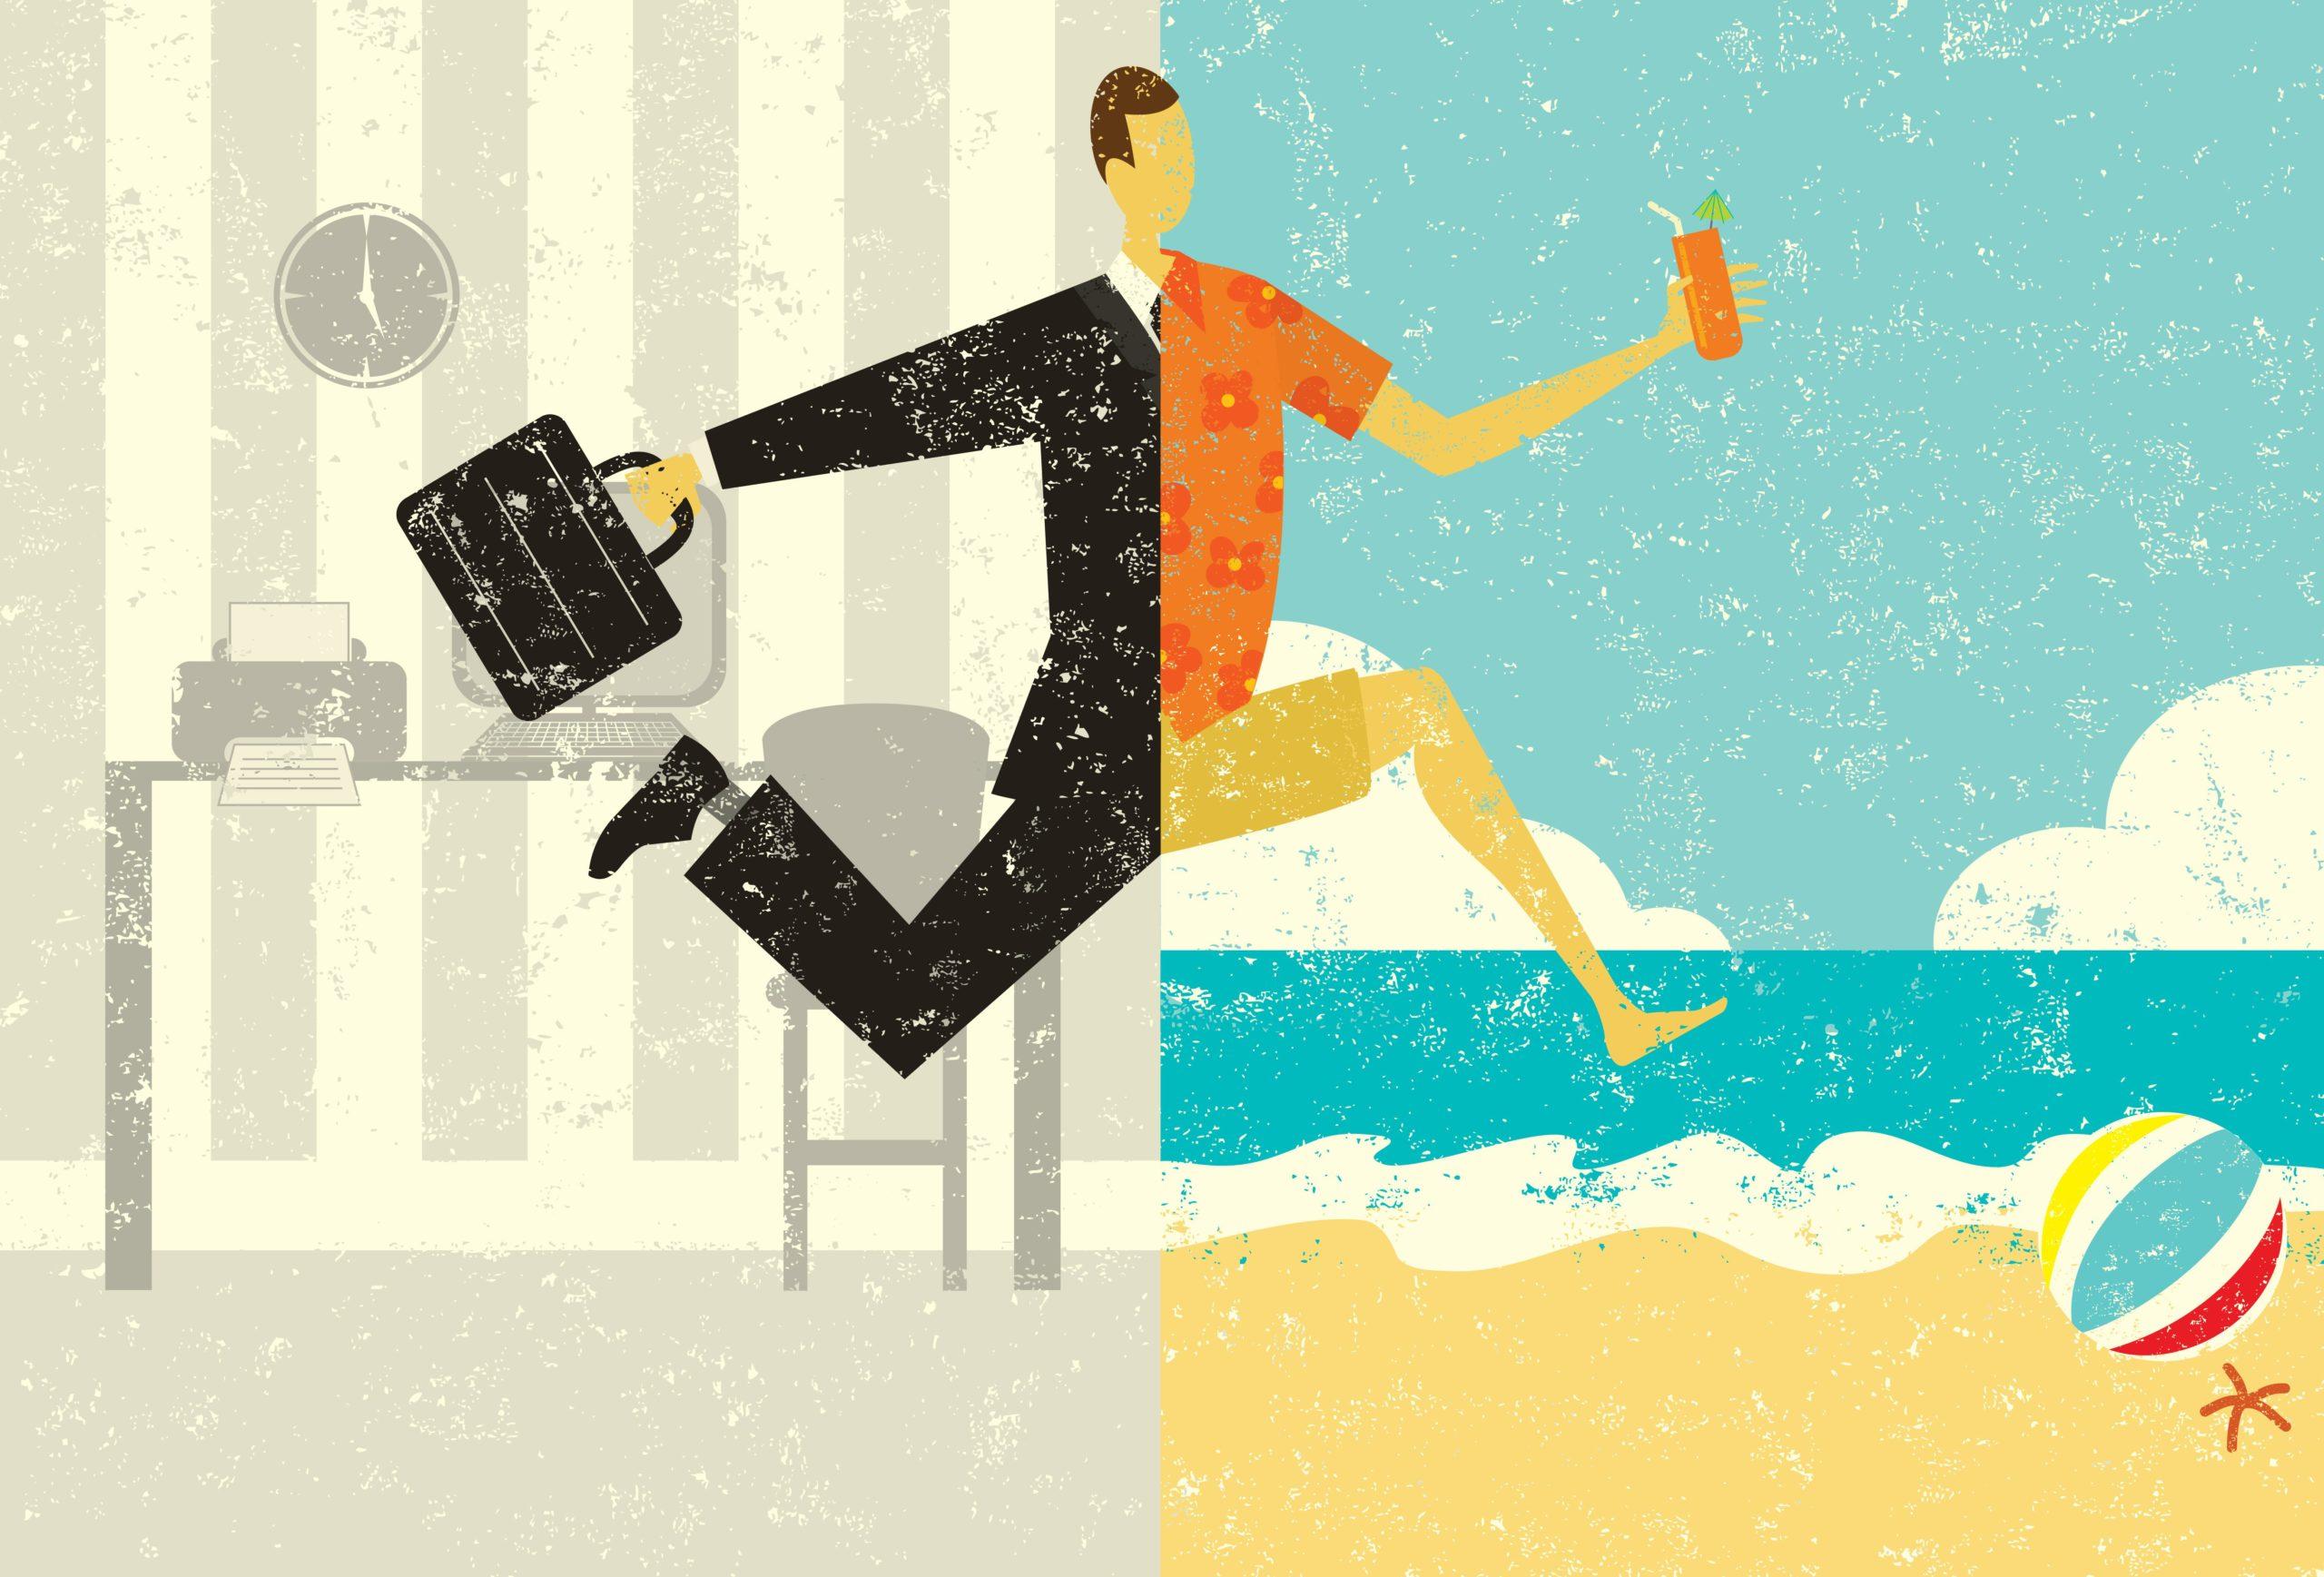 Du lịch kết hợp công việc đang ngày càng trở nên phổ biến hơn. Hình: Sưu tầm